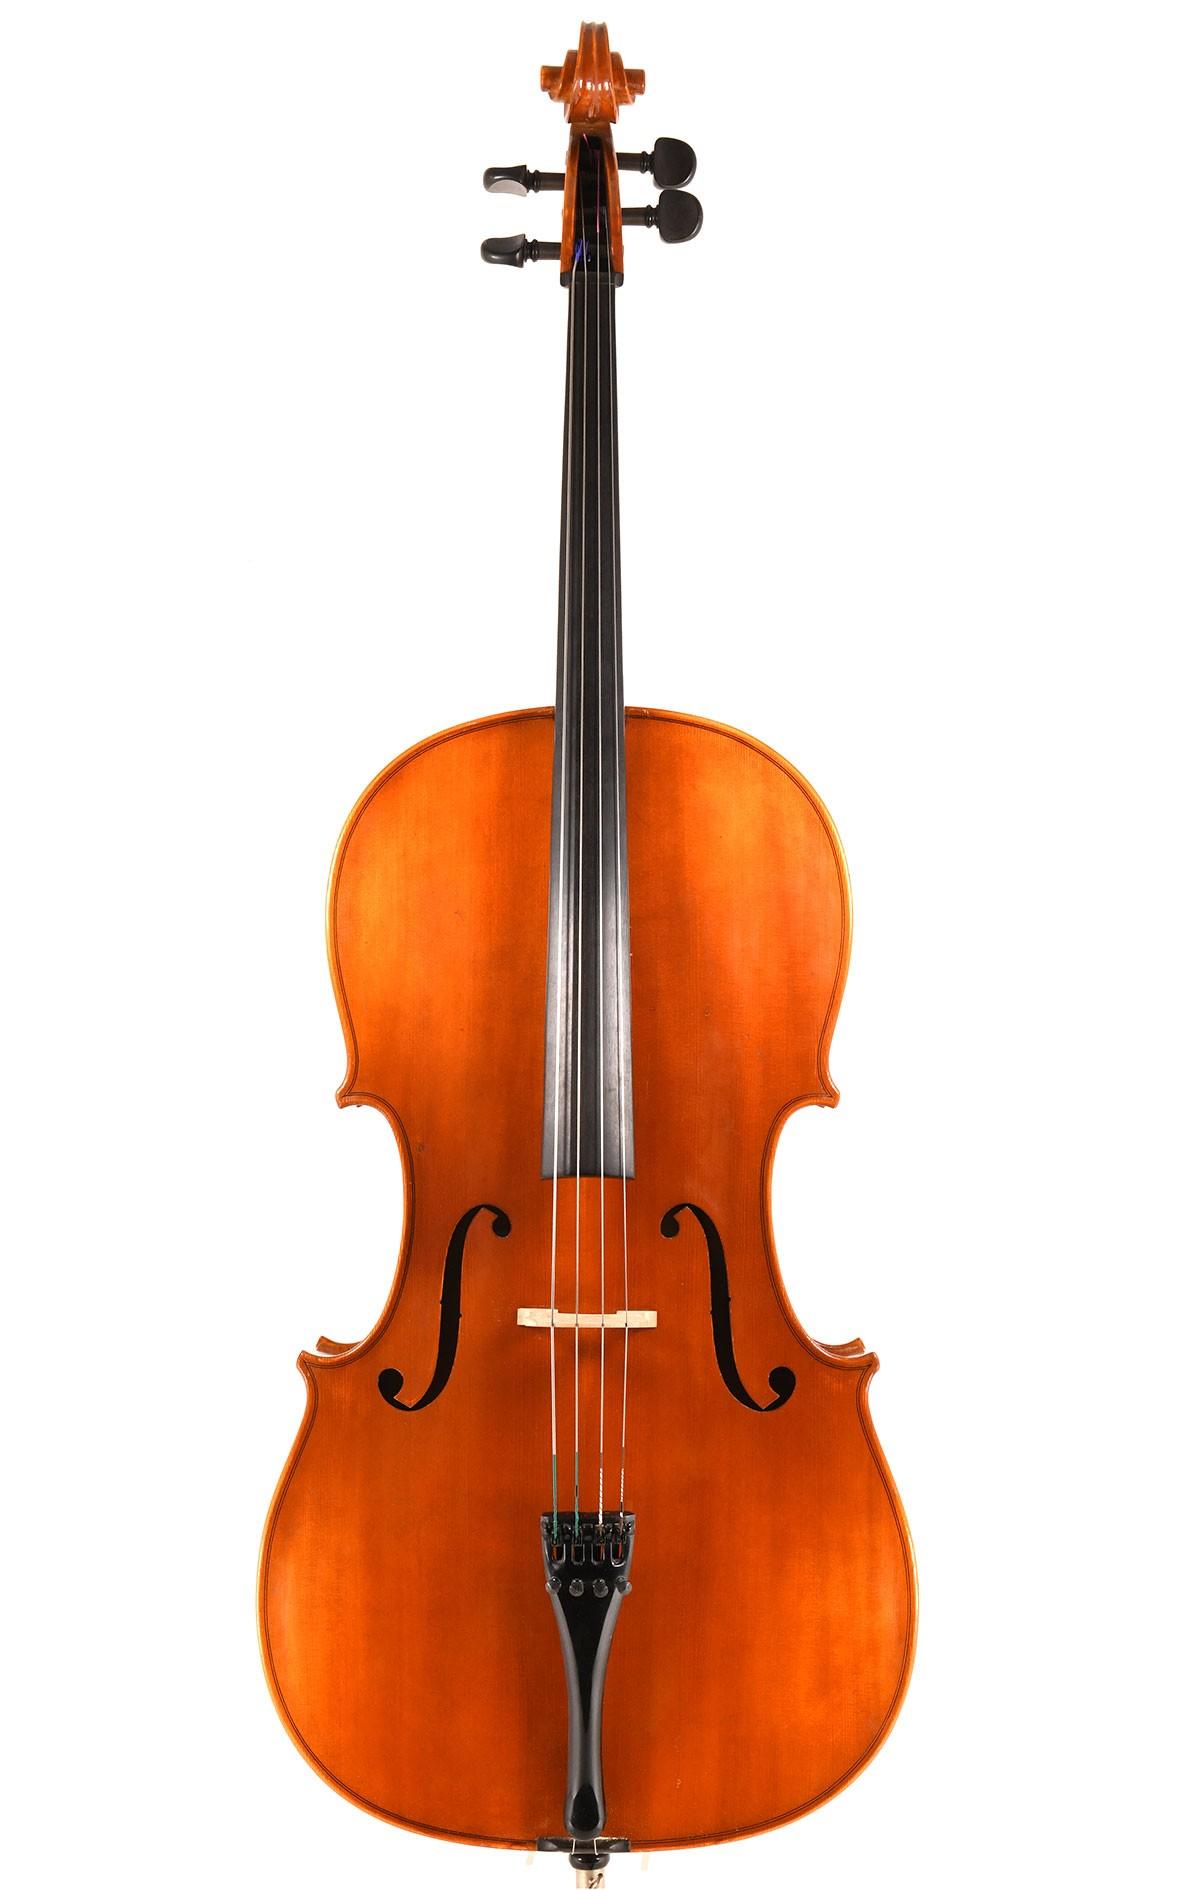 Mittenwald Cello von Benedikt Lang - Decke aus regelmäßiger Fichte